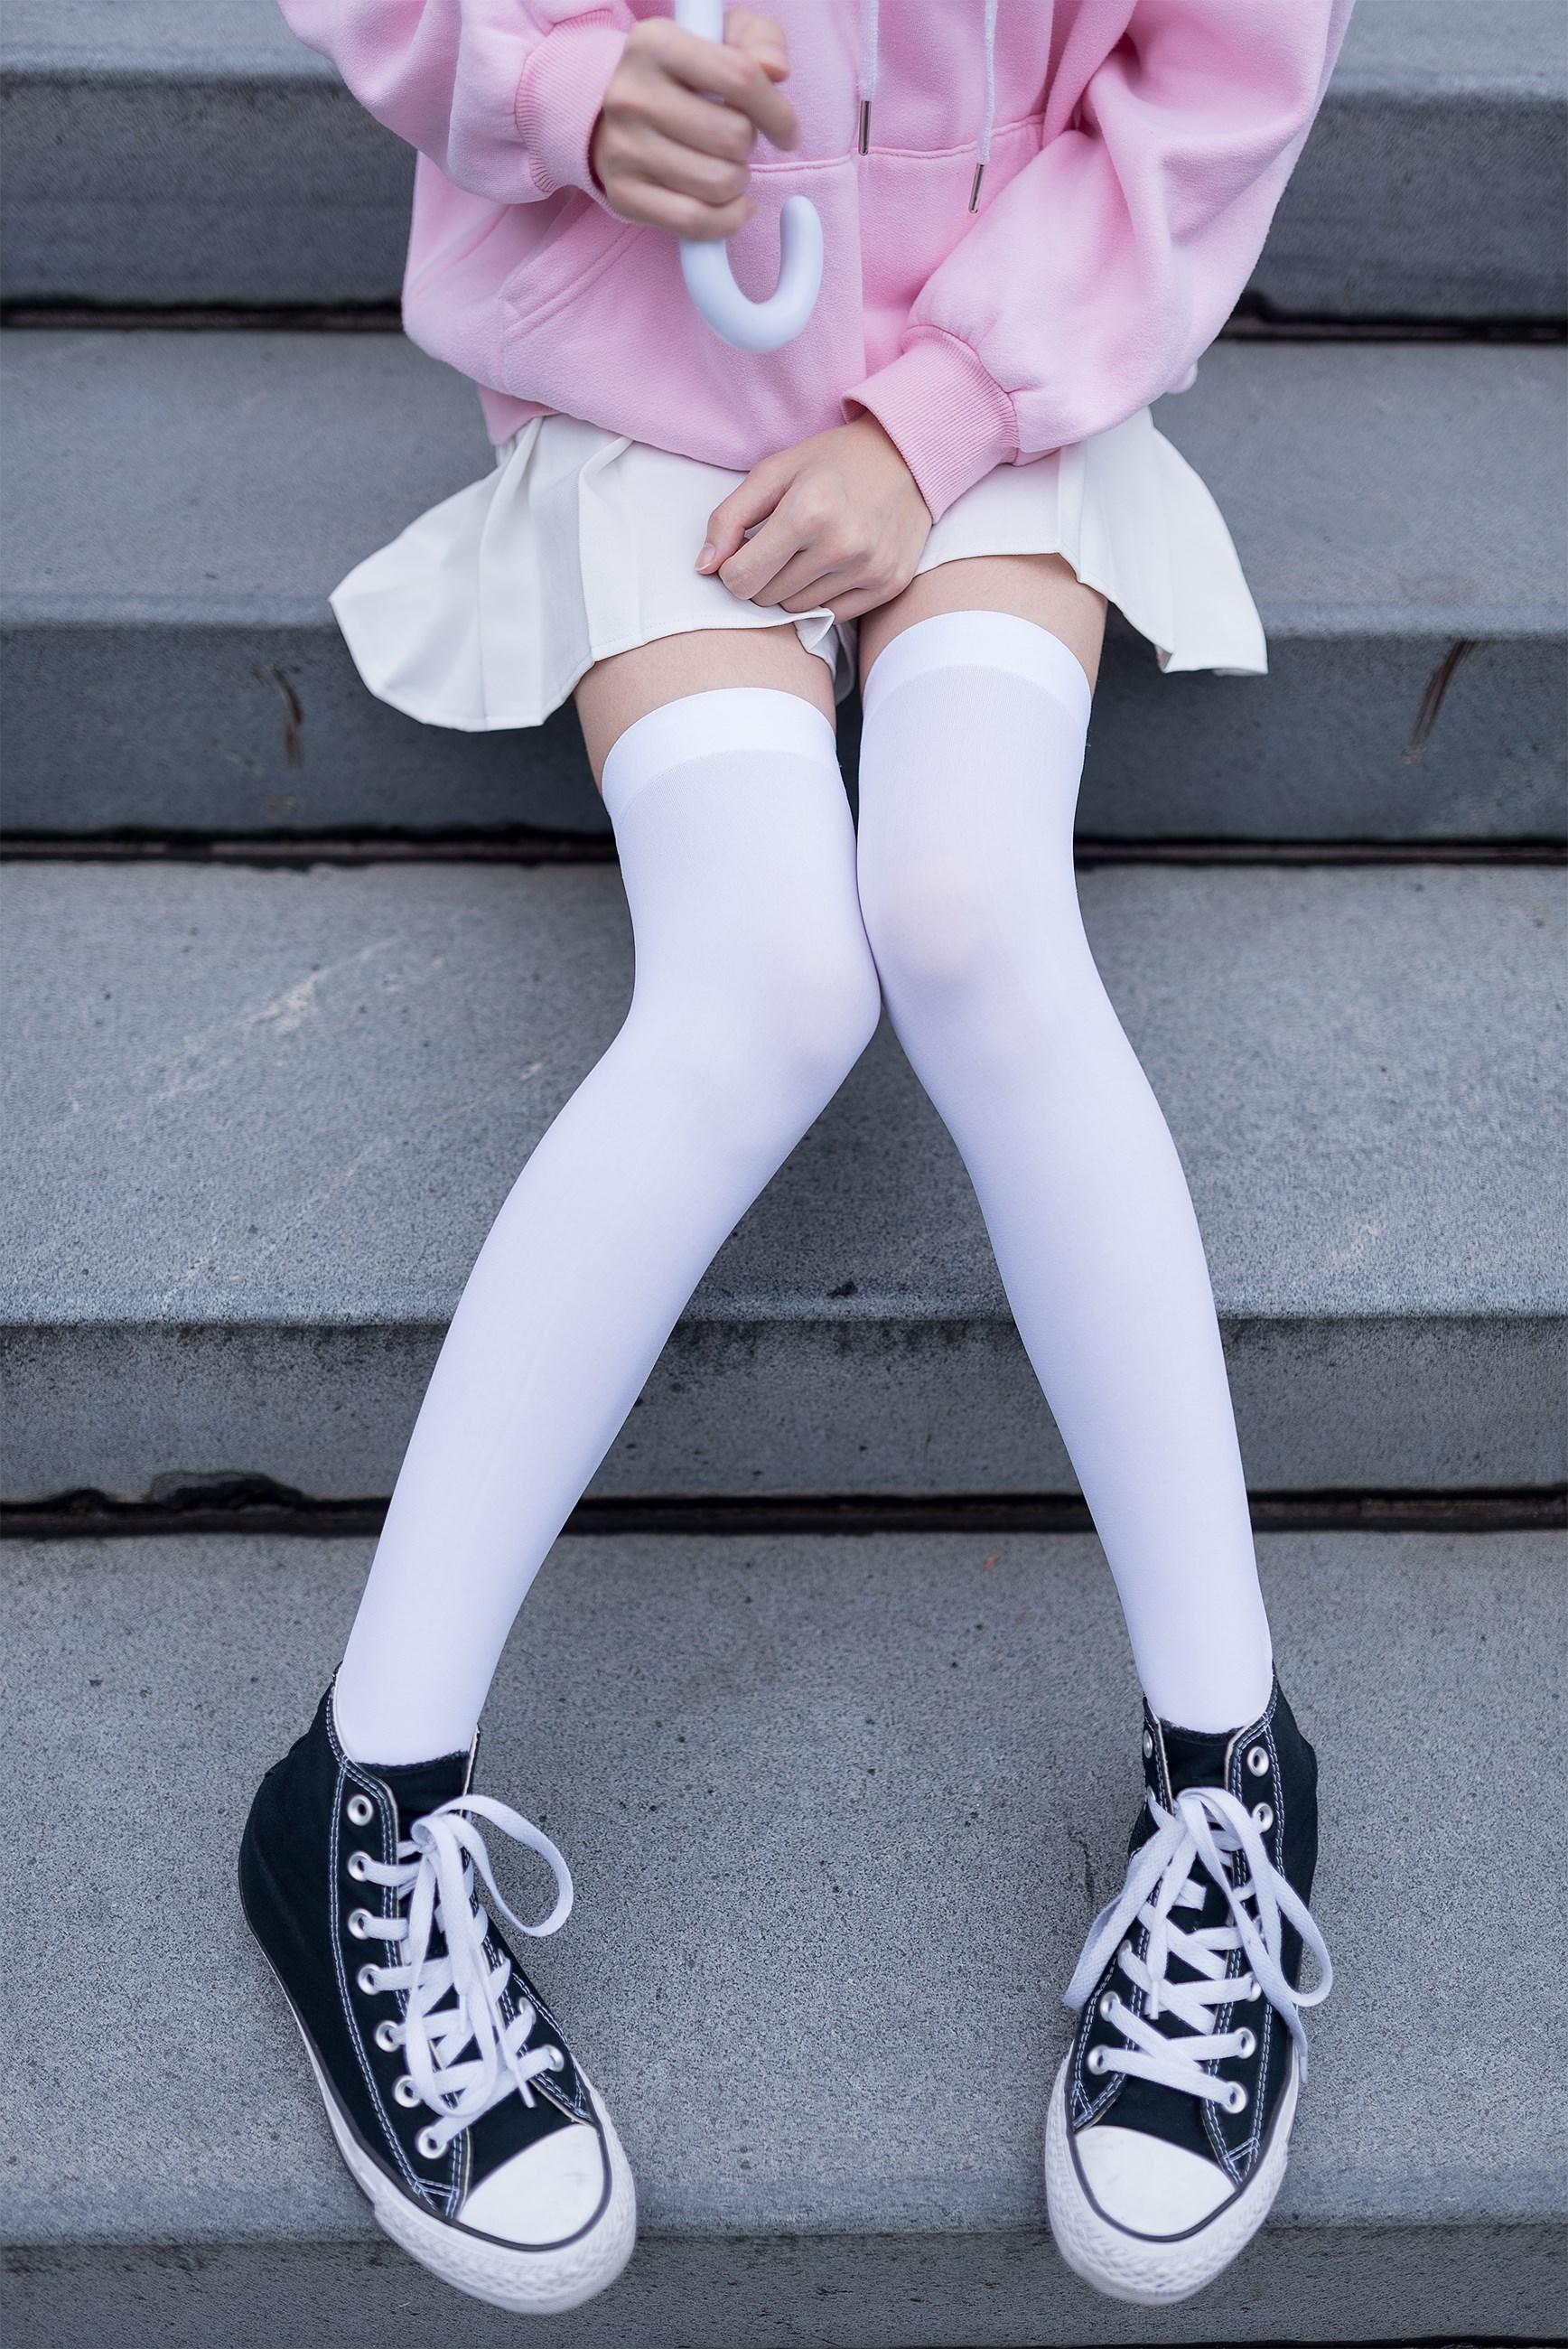 【兔玩映画】白裙子 兔玩映画 第3张